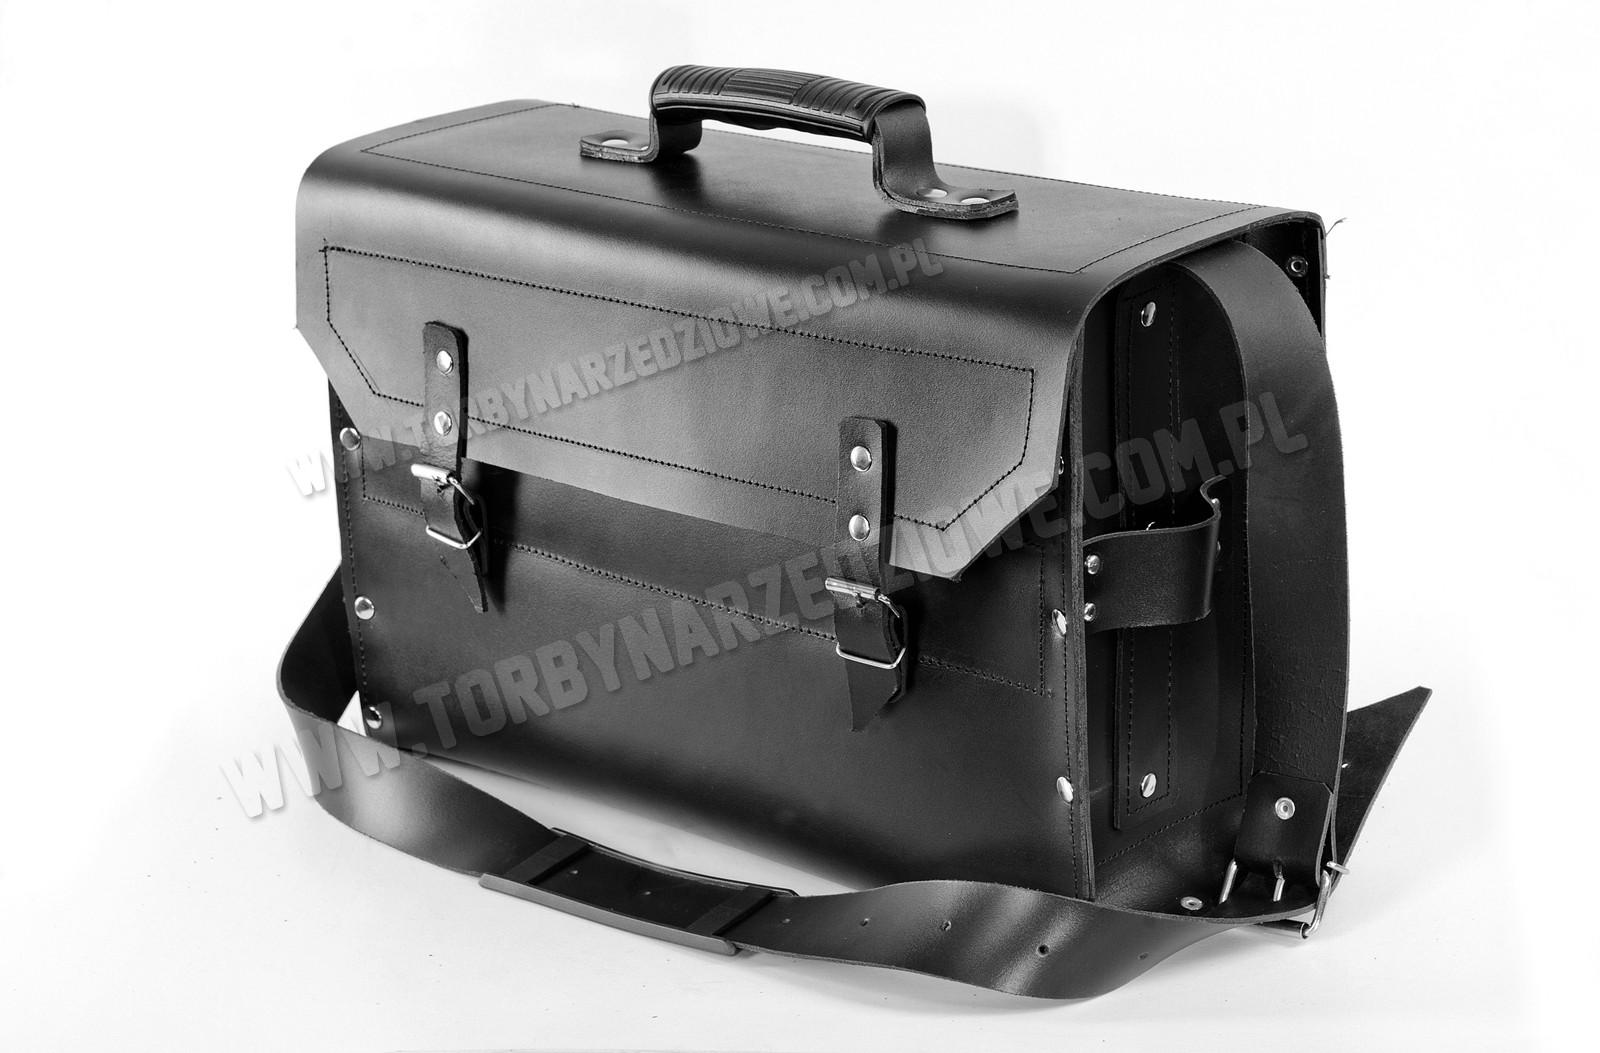 Skórzane torby narzędziowe, model AP004 Oferta Torby